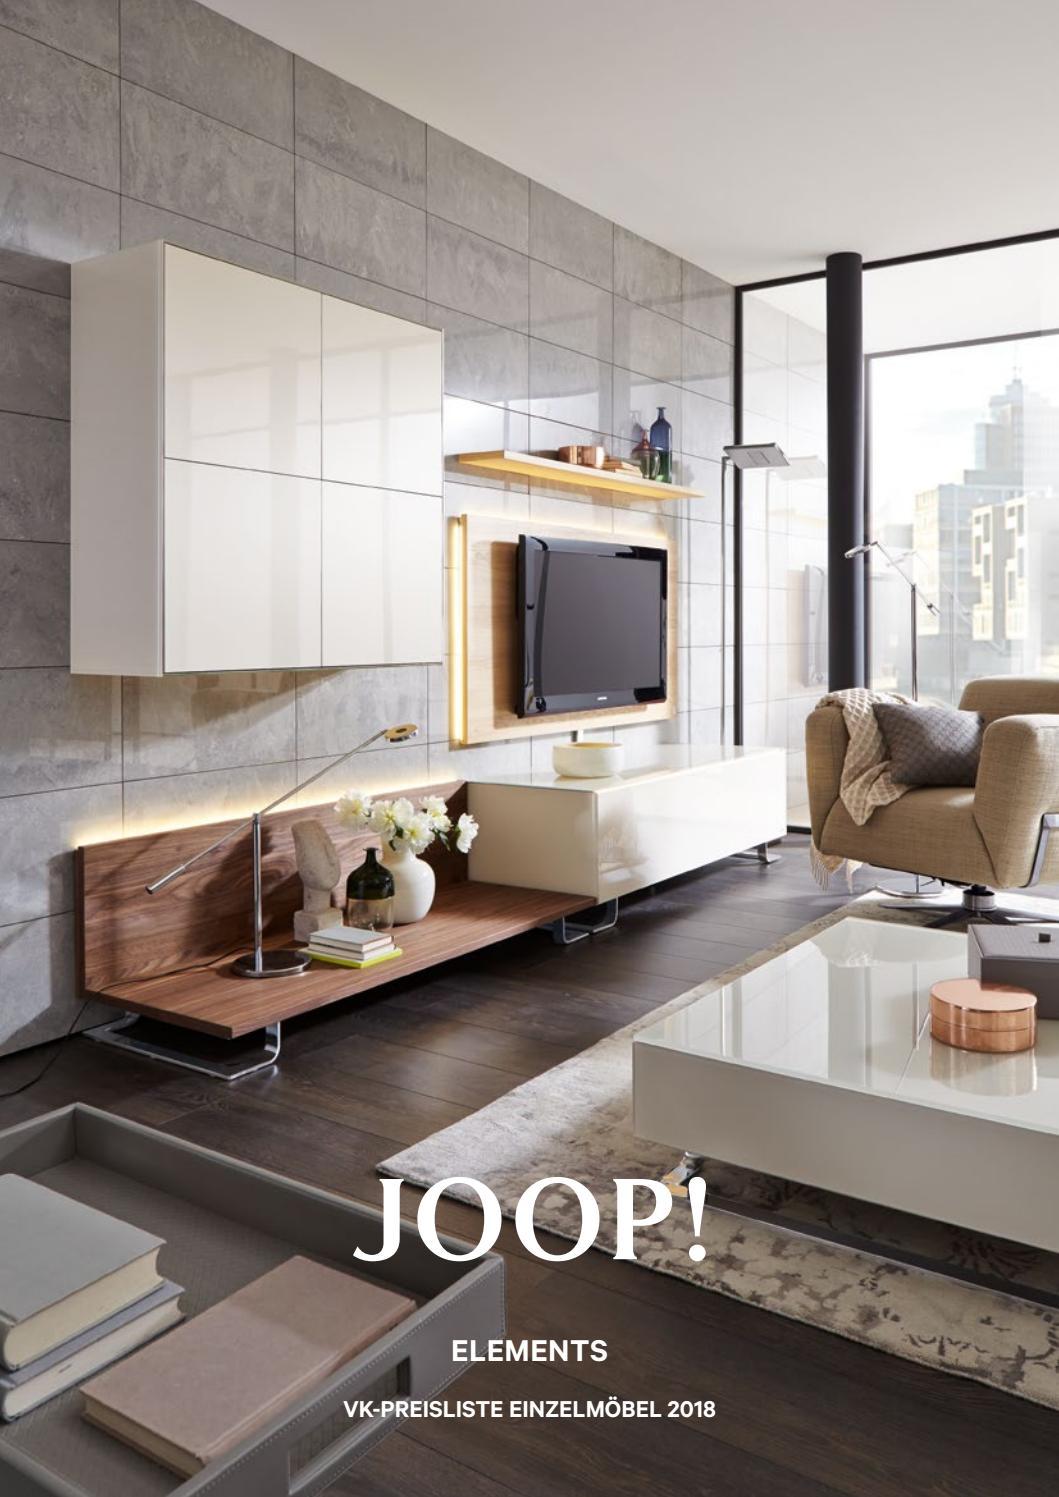 Joop Elements By Perspektive Werbeagentur Issuu